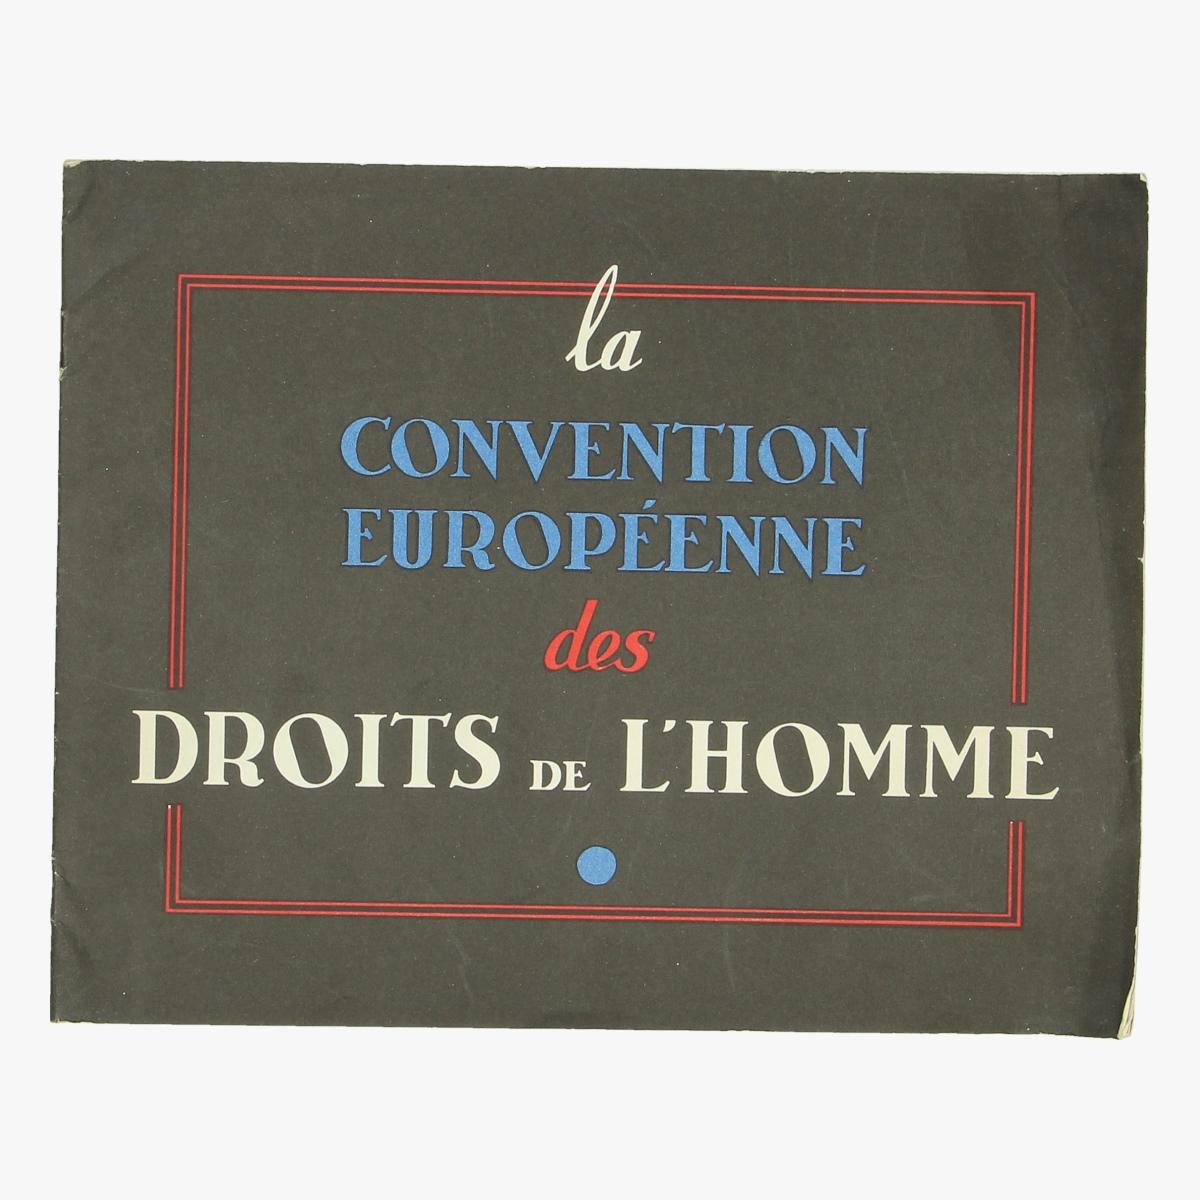 Afbeeldingen van boekje la convention européenne des droits de l'homme